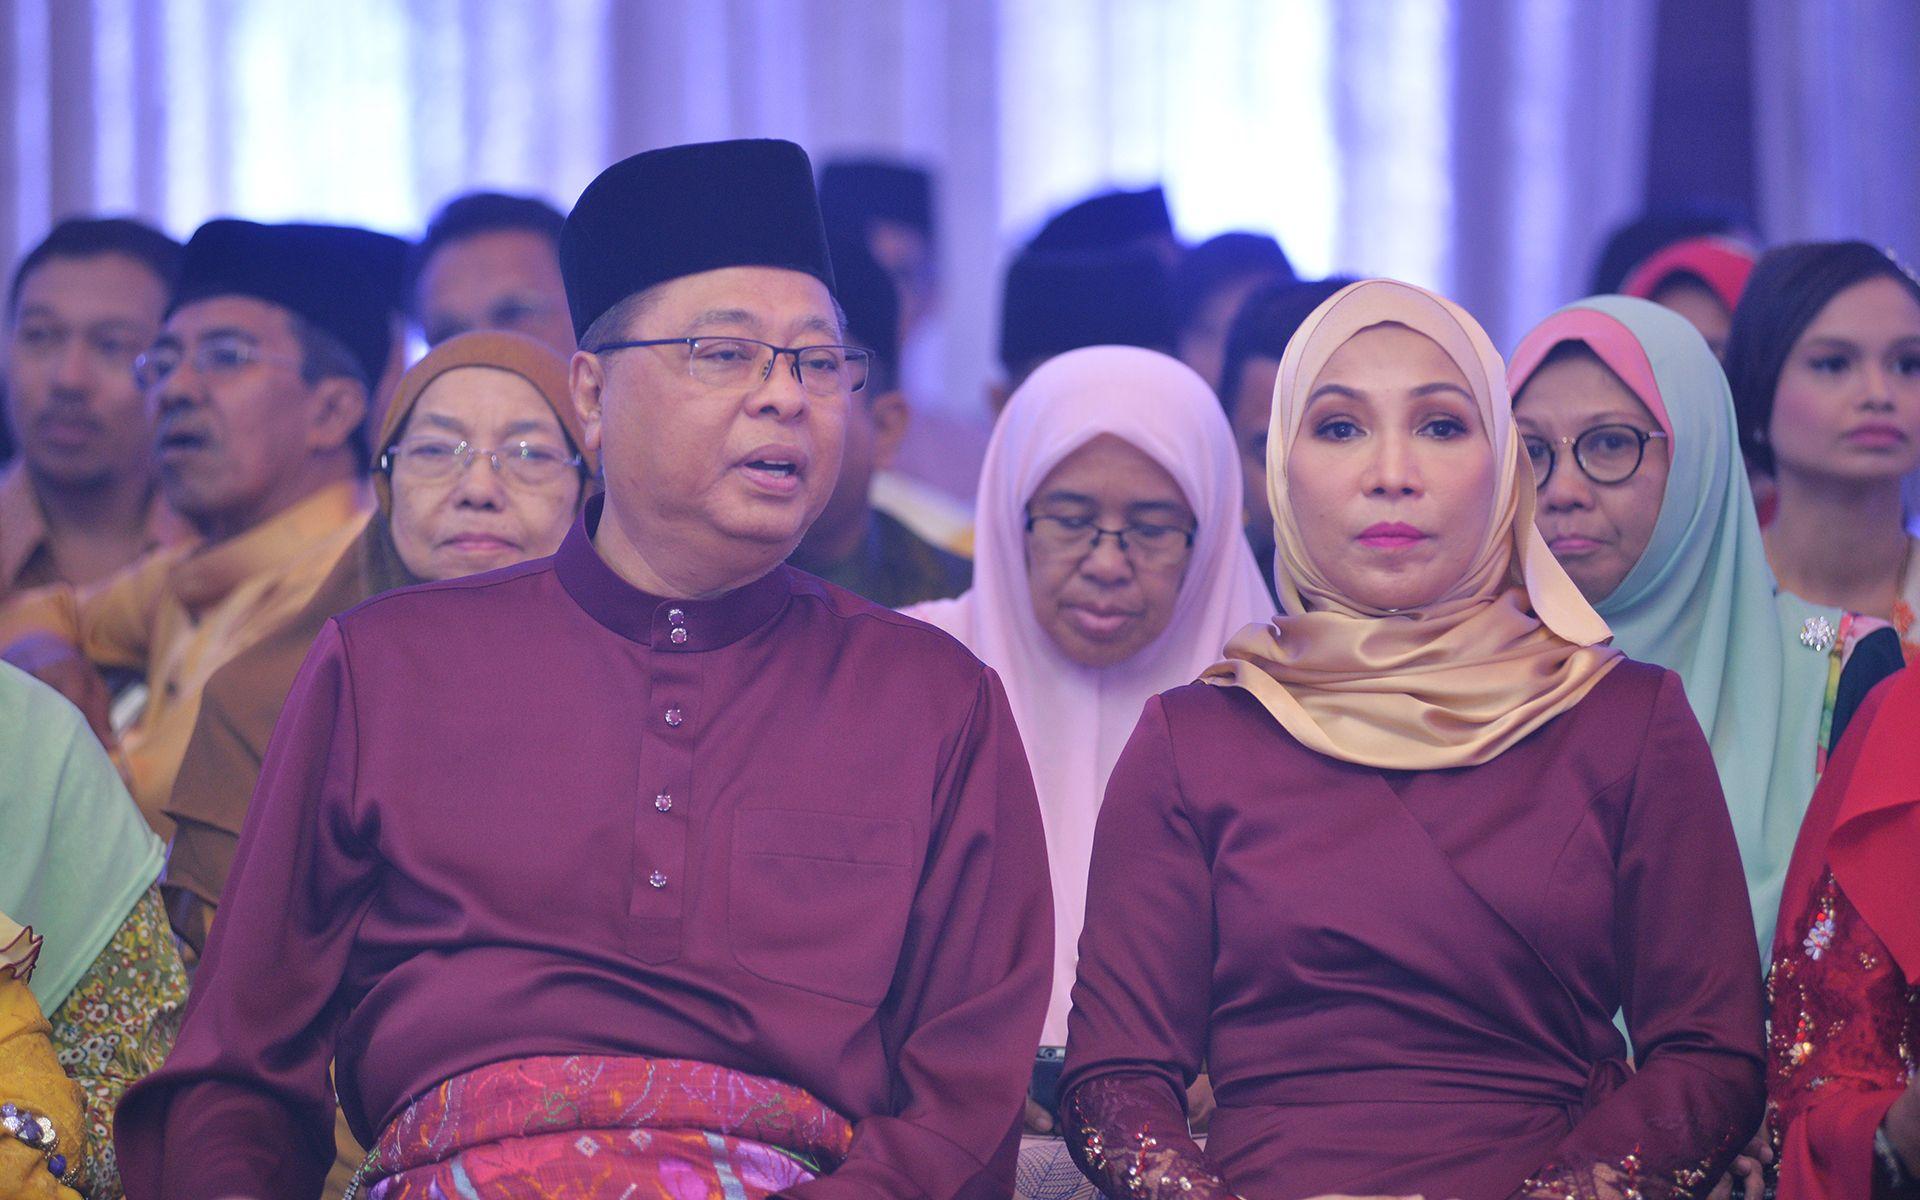 Dato' Sri Ismail Sabri Yaakob and Datin Sri Muhaini Zainal Abidin